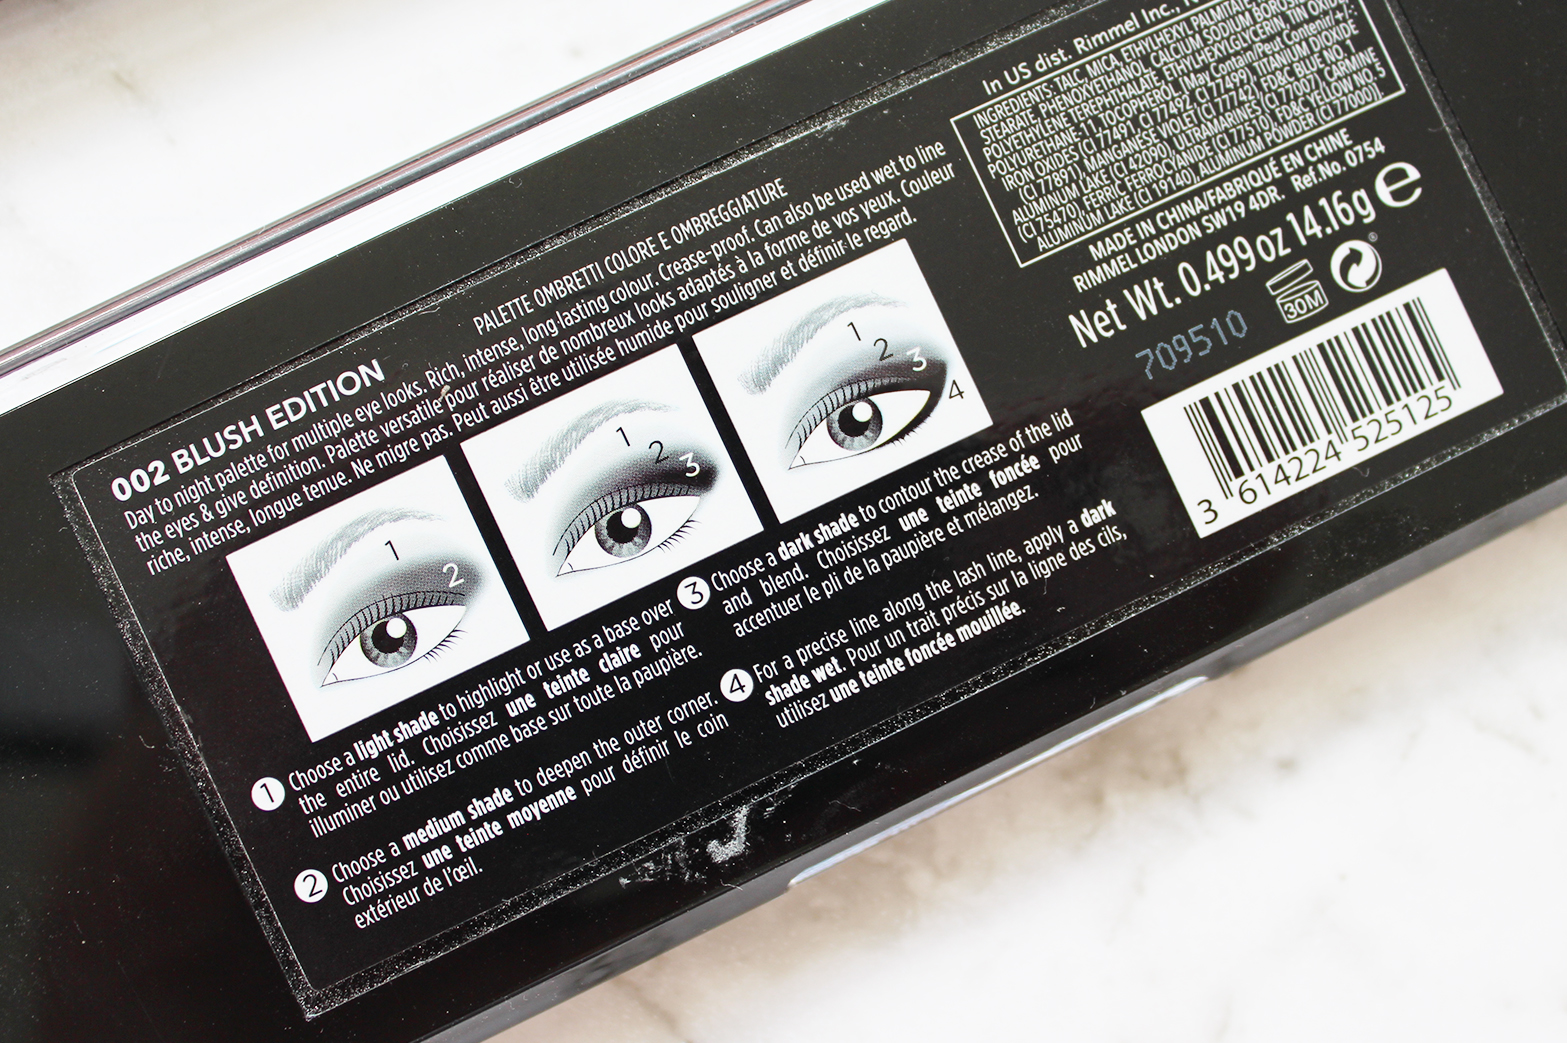 RIMMEL LONDON | New Magnif'eyes Eye Contouring Palettes, Wonder Wing Eyeliner + Wonder-Fully Real Mascara - CassandraMyee